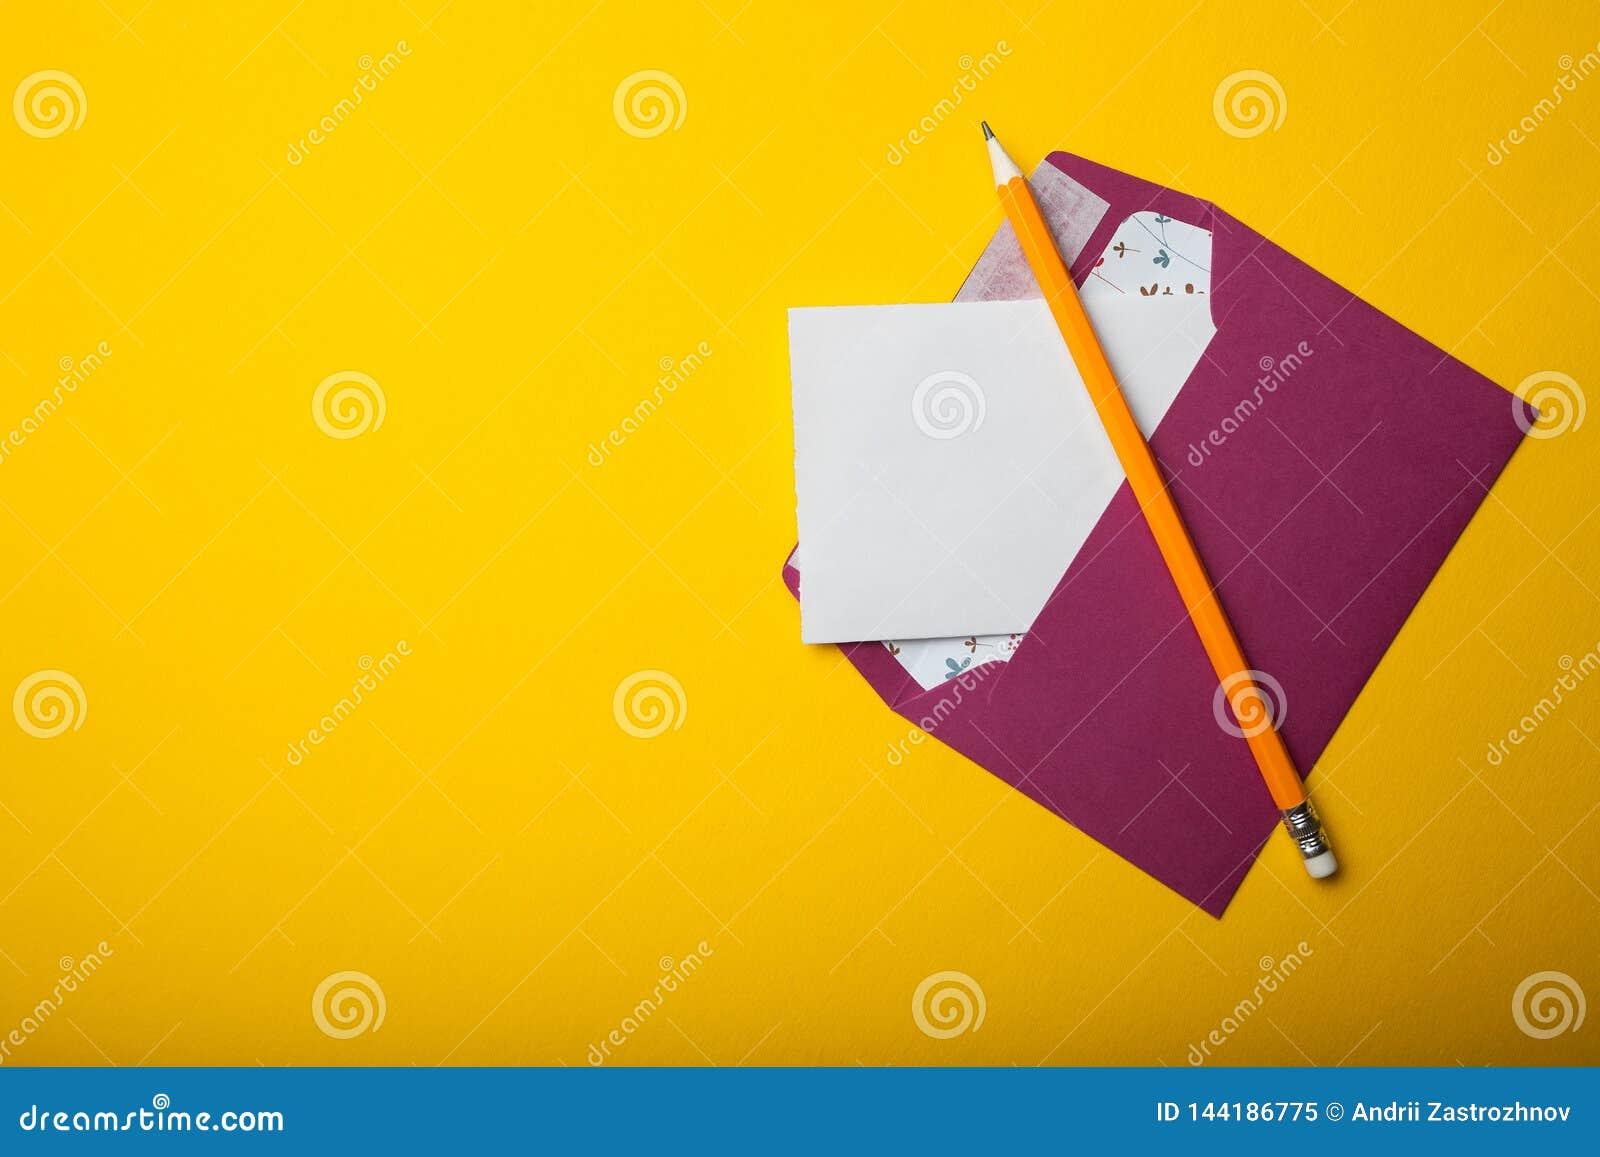 Concetto di corrispondenza scritta, lettera su un fondo giallo Spazio vuoto per testo